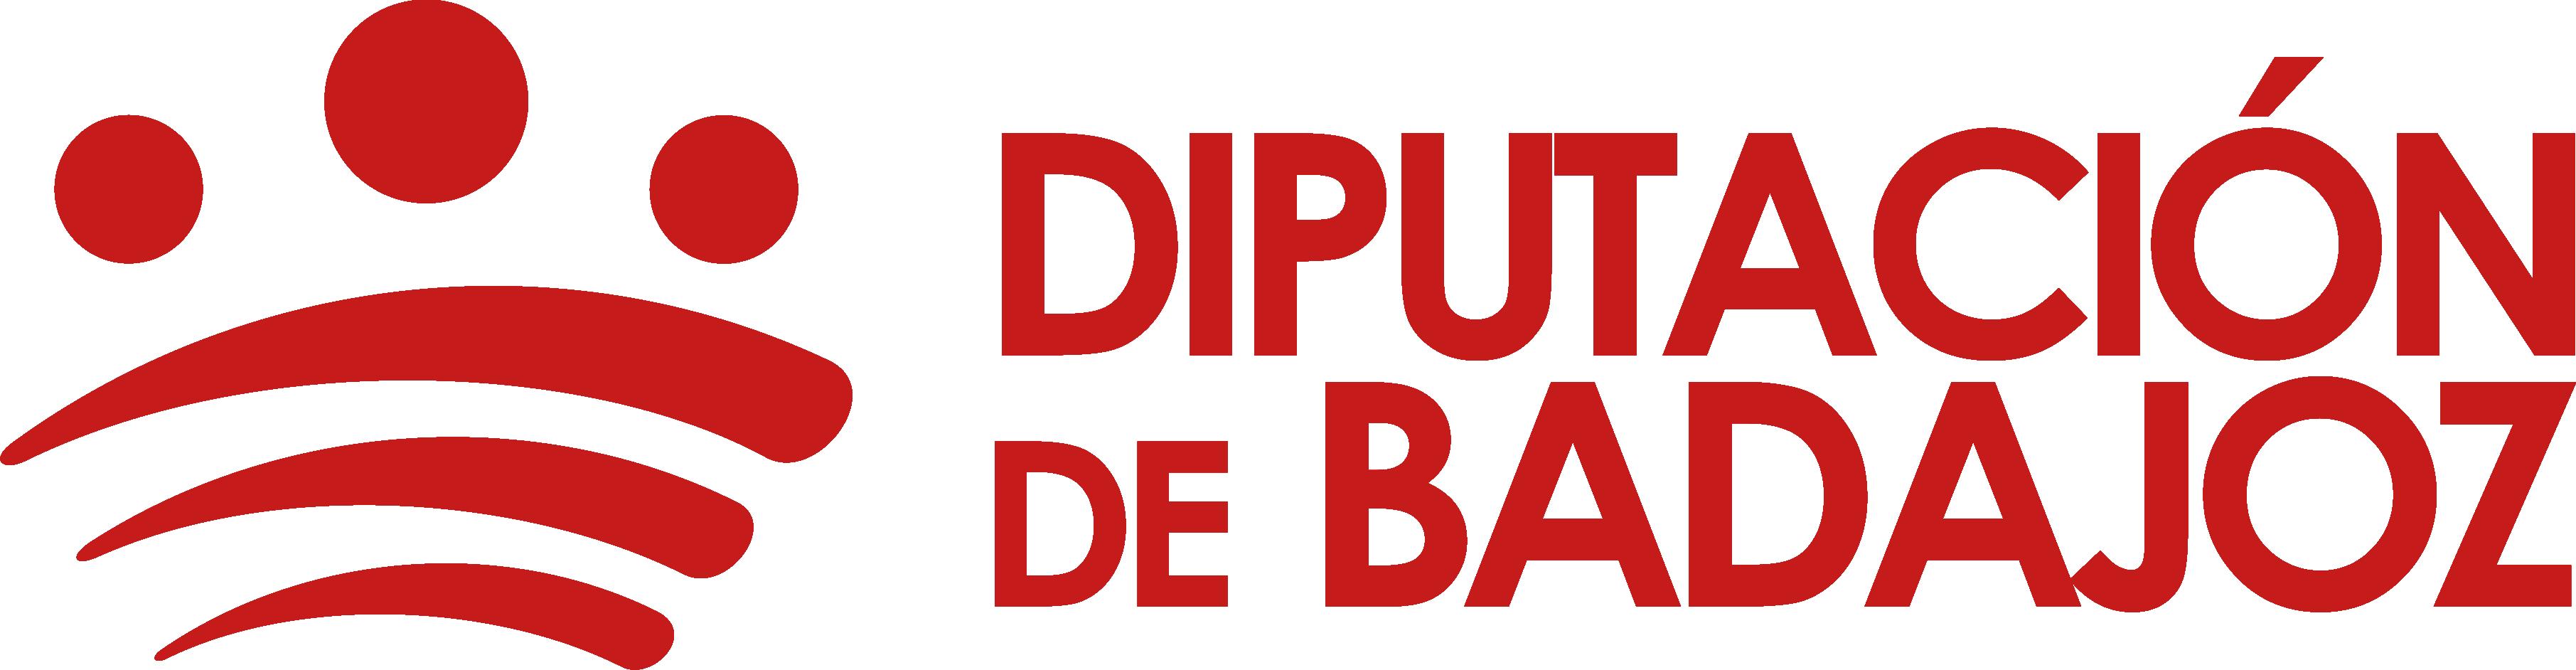 diputacion-de-badajoz-logo